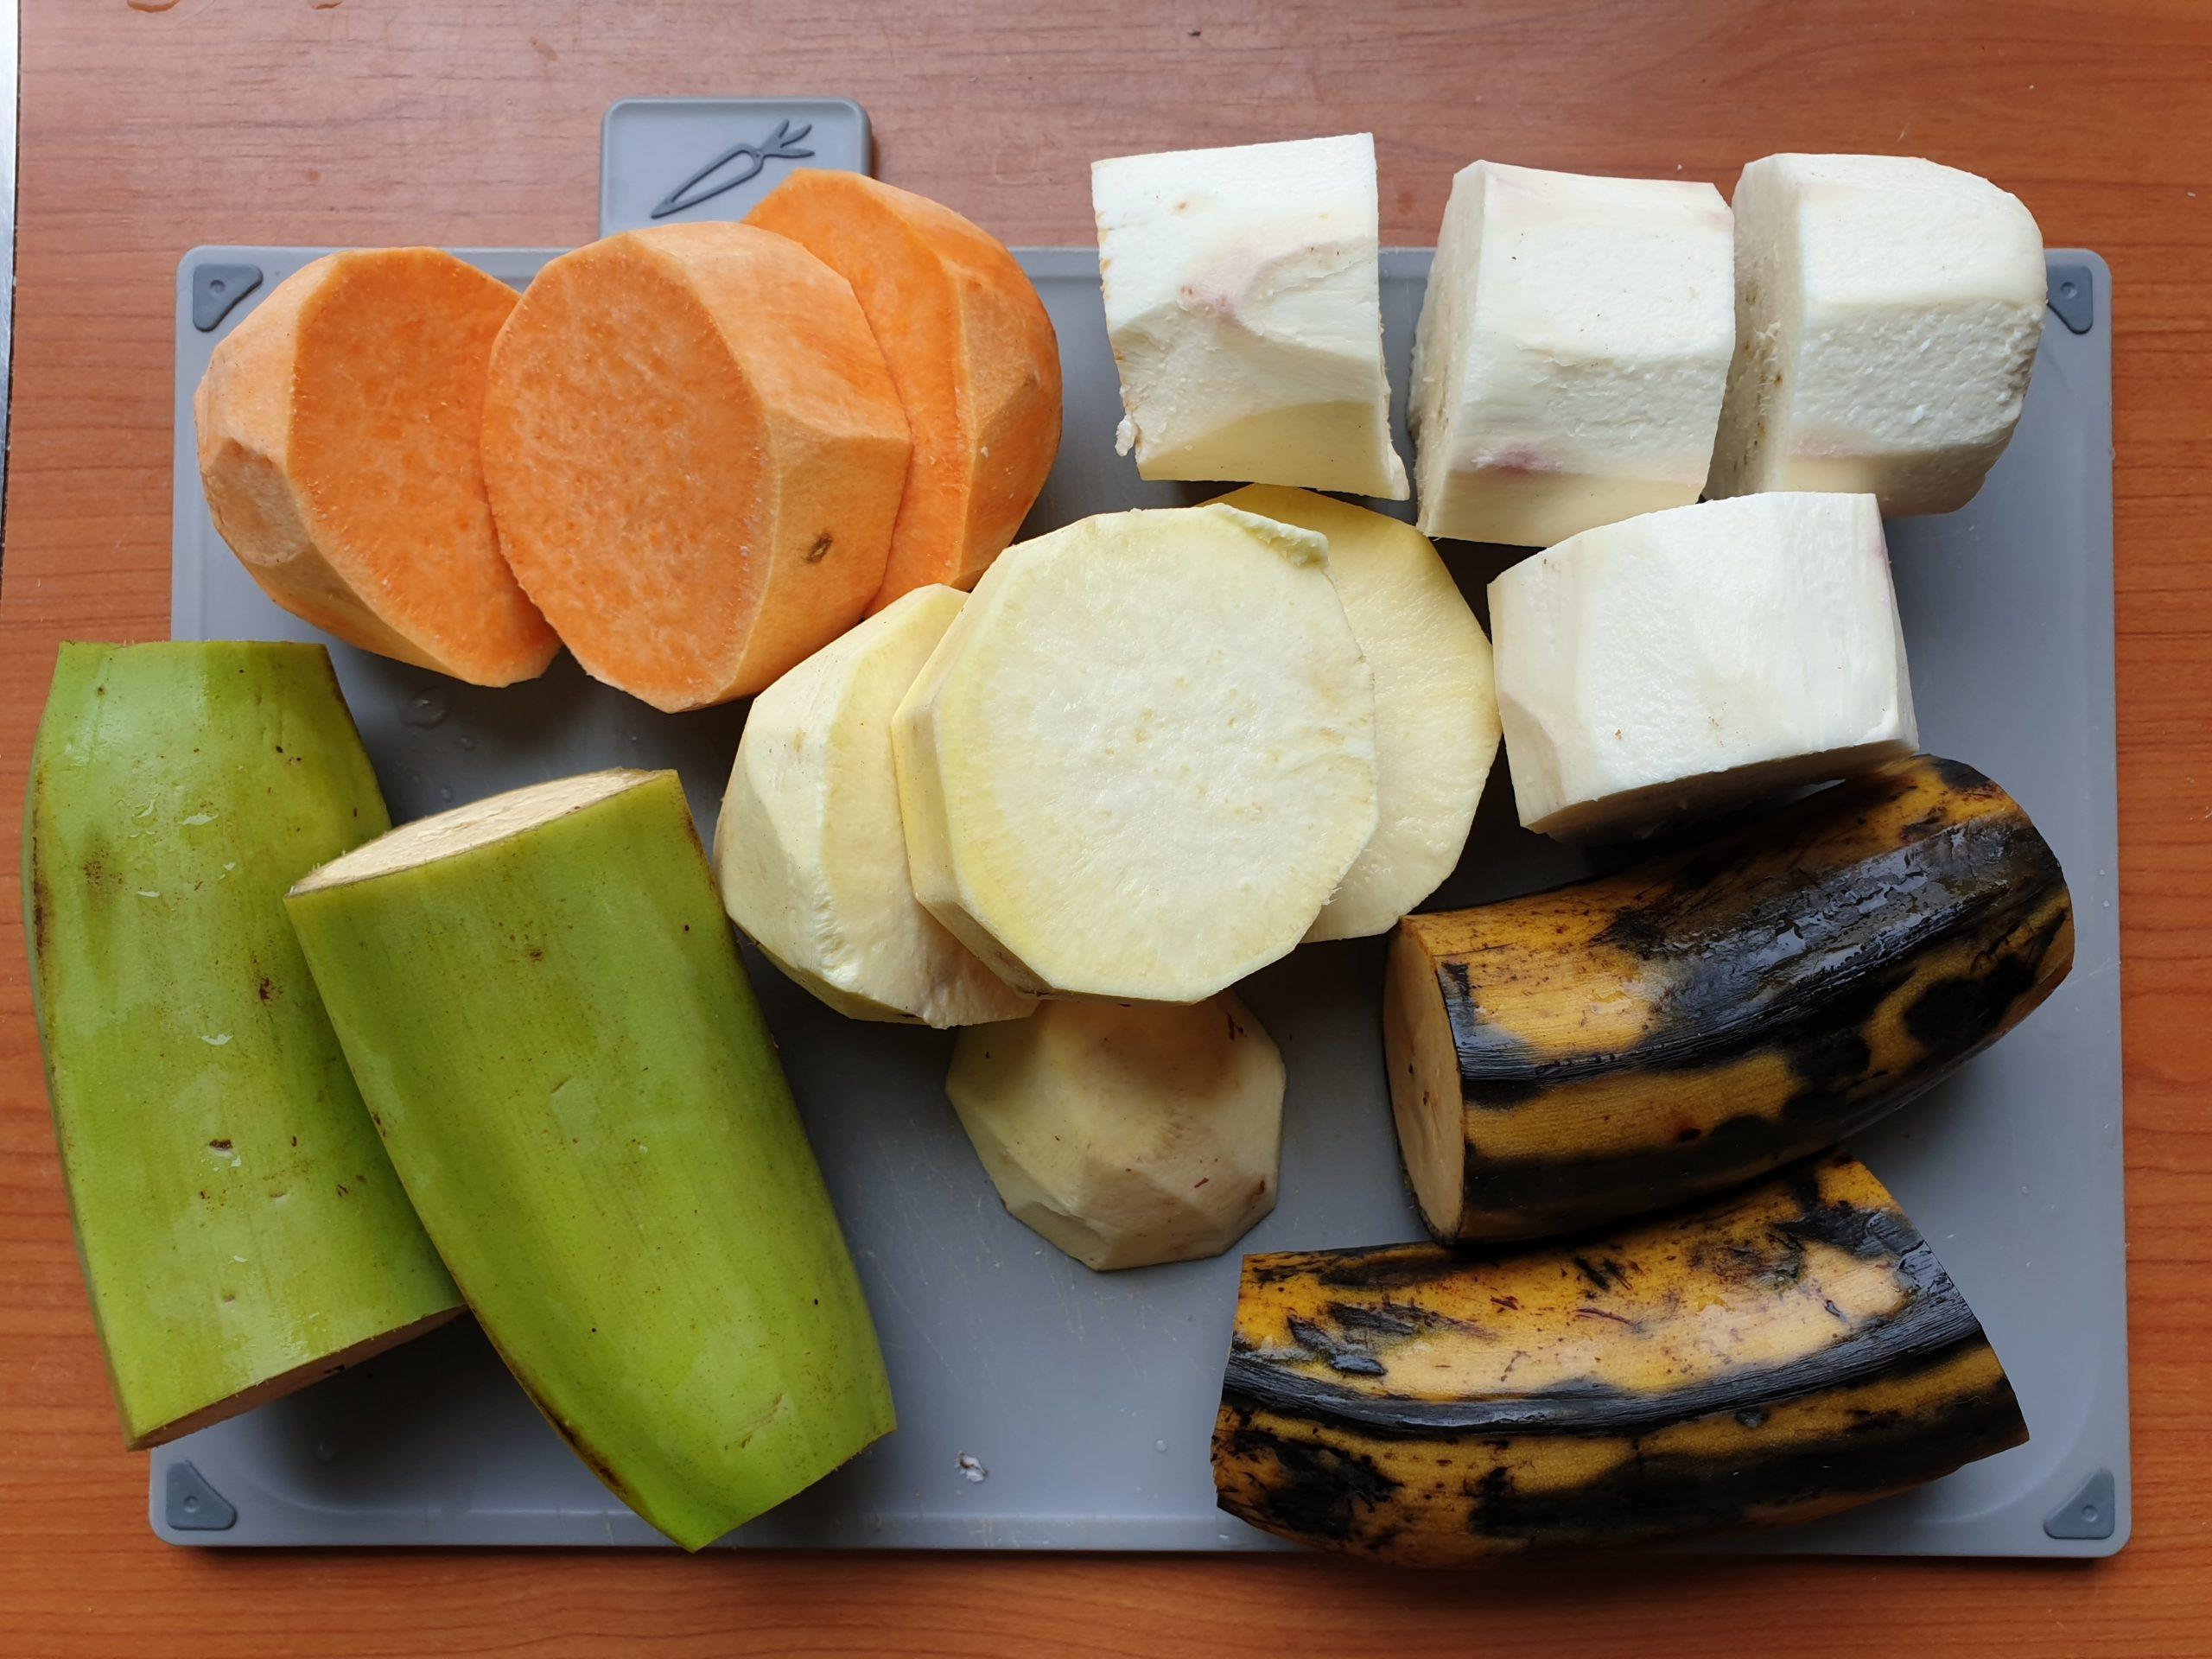 cassave-zoete-aardappel-bakbanaan-heriheri-recept-surinaams